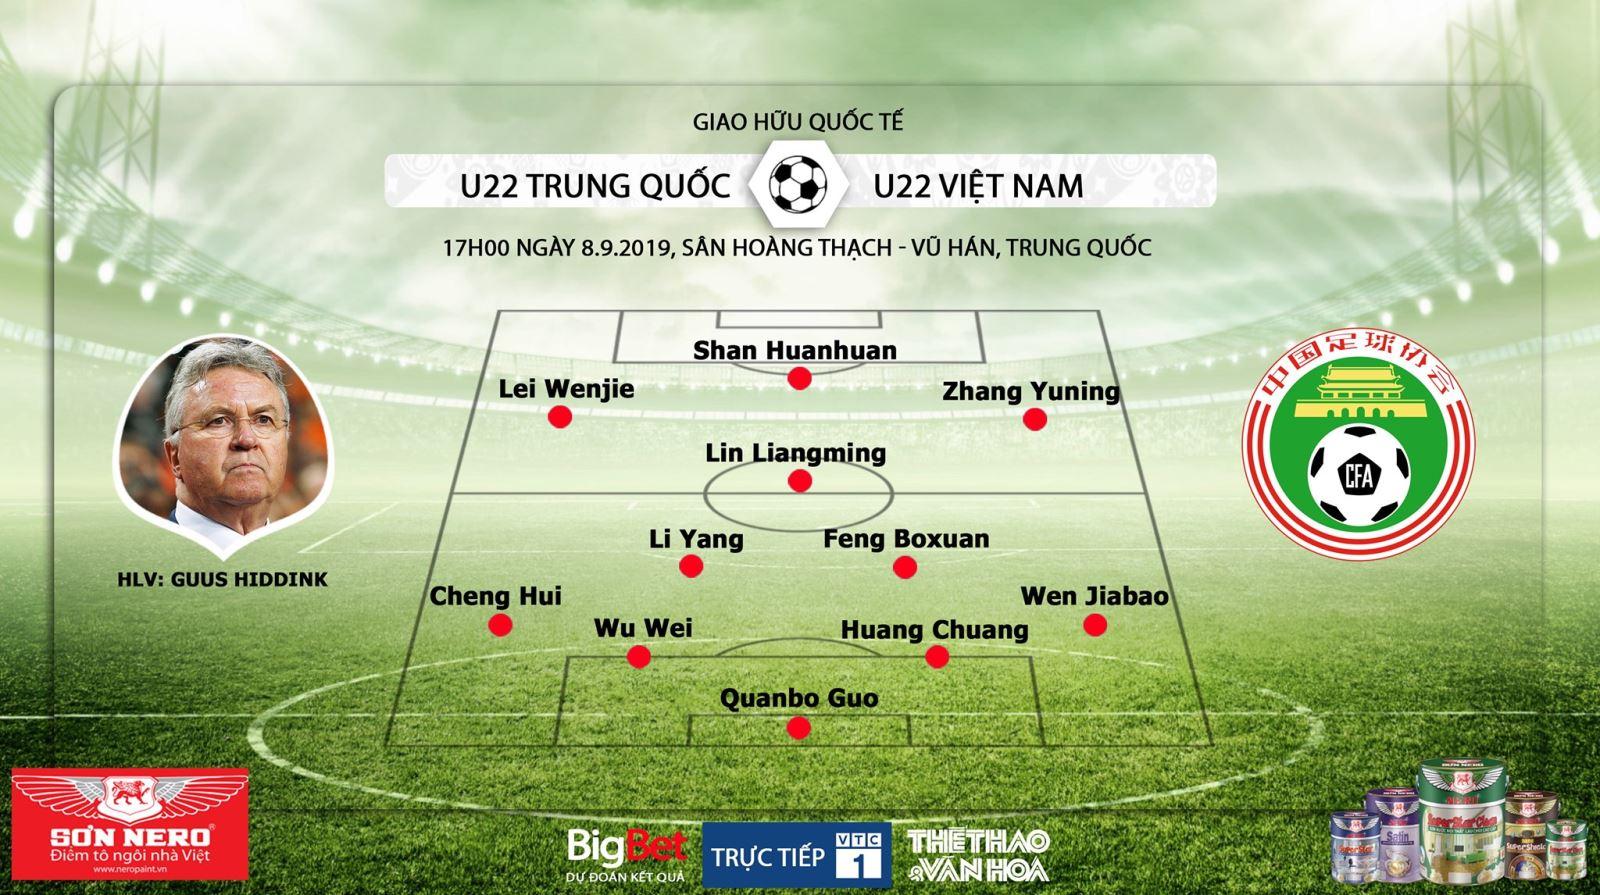 U22 Việt Nam vs U22 Trung Quốc, U22 Viet Nam vs U22 Trung Quoc, U22 Trung Quốc vs U22 Việt Nam, U22 Việt Nam, U22 Trung Quốc, U22 VN vs U22 TQ, U22 Việt Nam vs U22 China, Việt Nam vs Trung Quốc, U22 Trung Quốc đấu với U22 Việt Nam